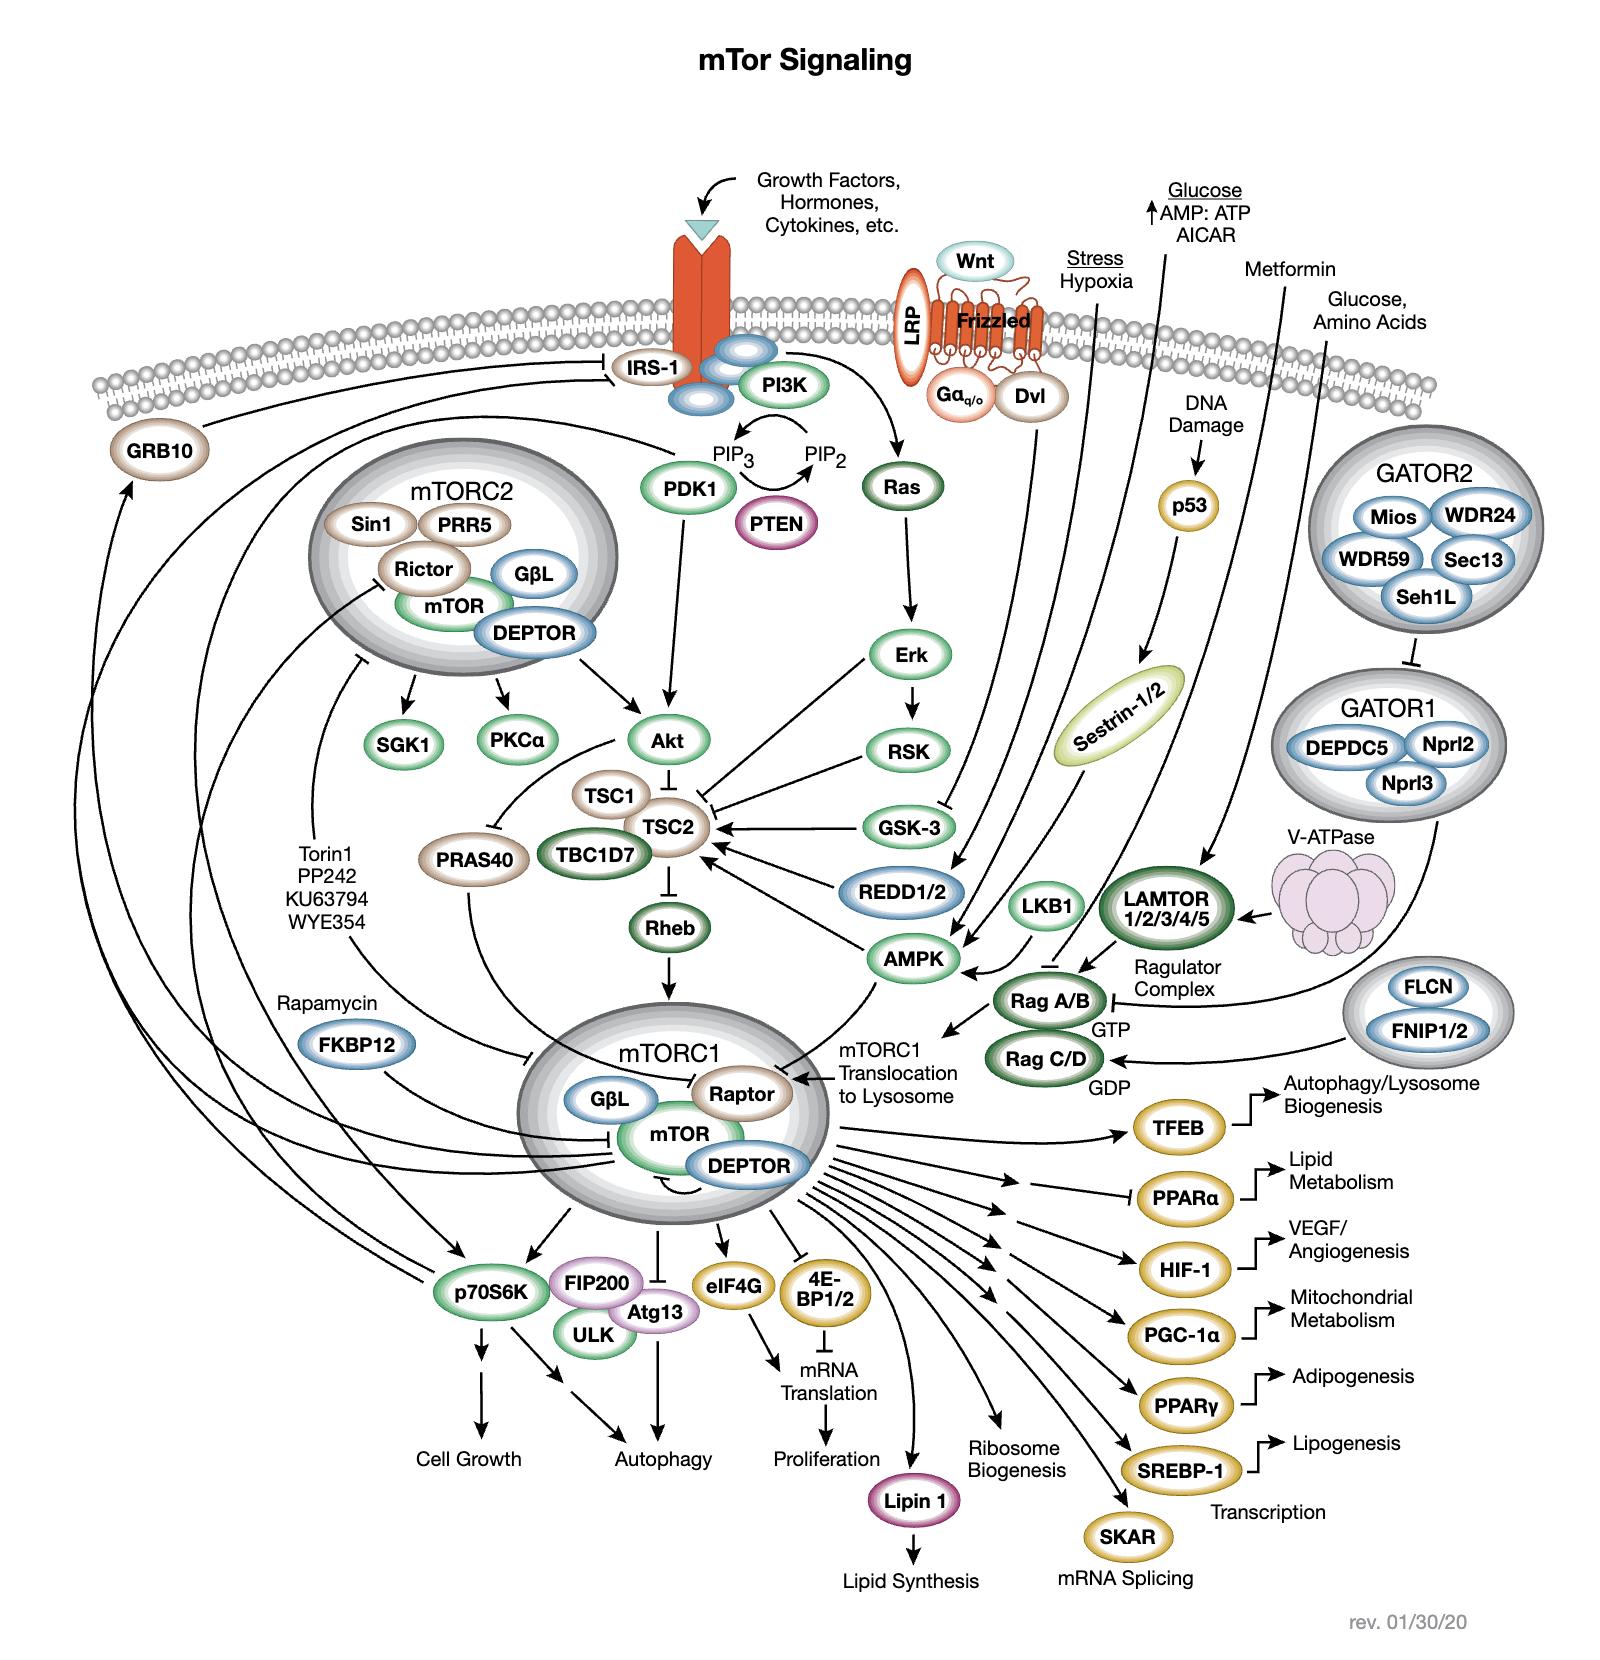 mTORの相互作用シグナル伝達経路